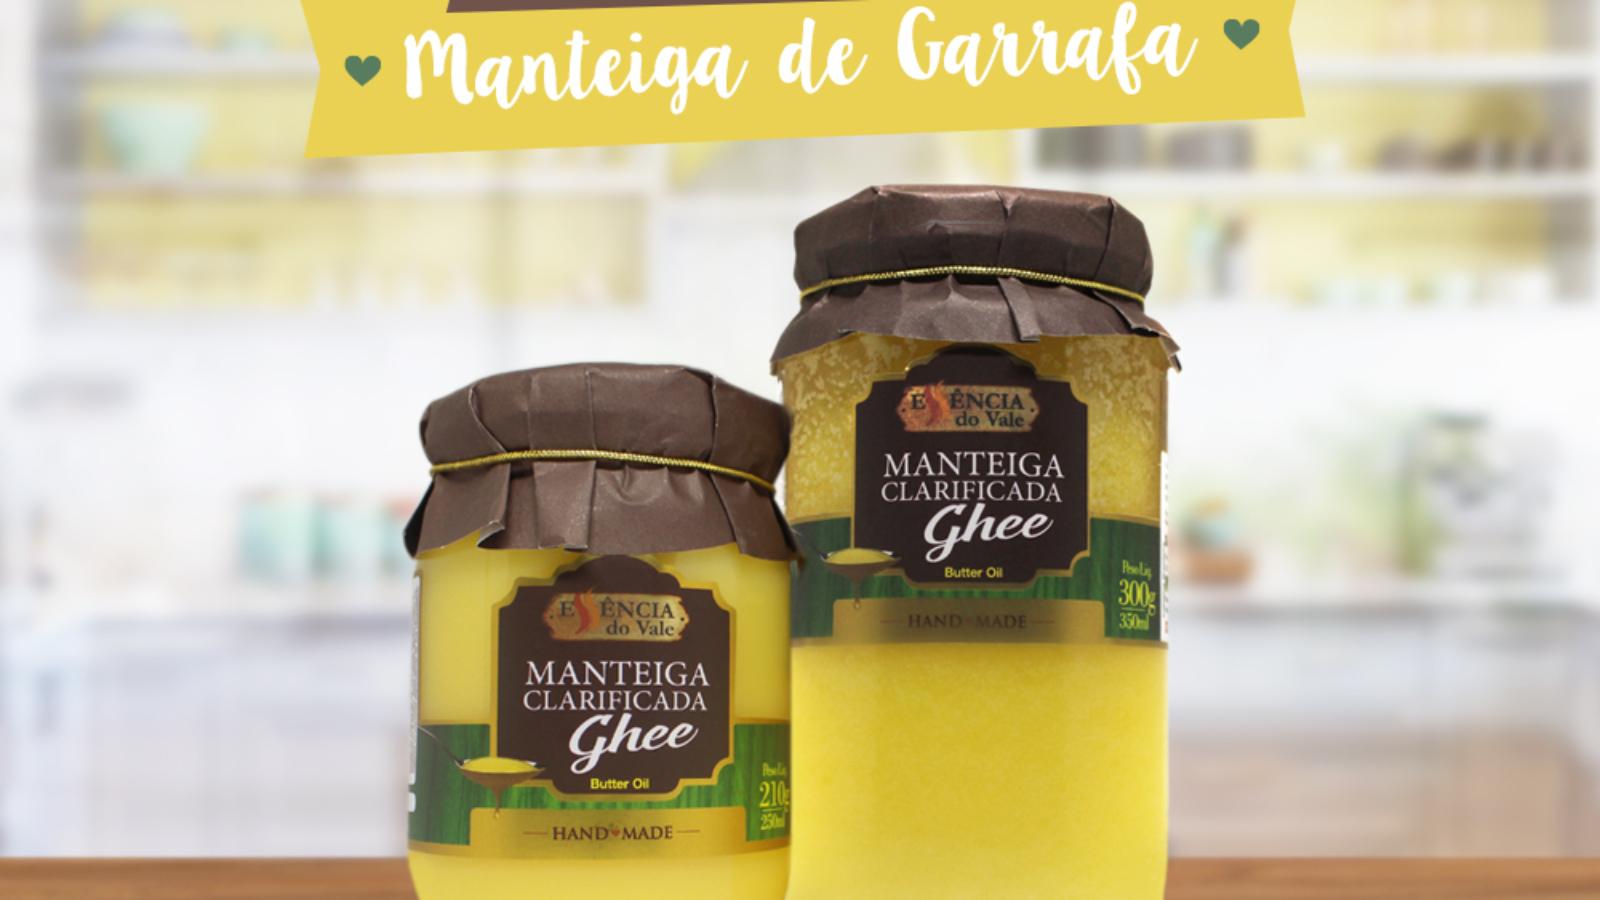 Diferença entre Manteiga Ghee e Manteiga de Garrafa